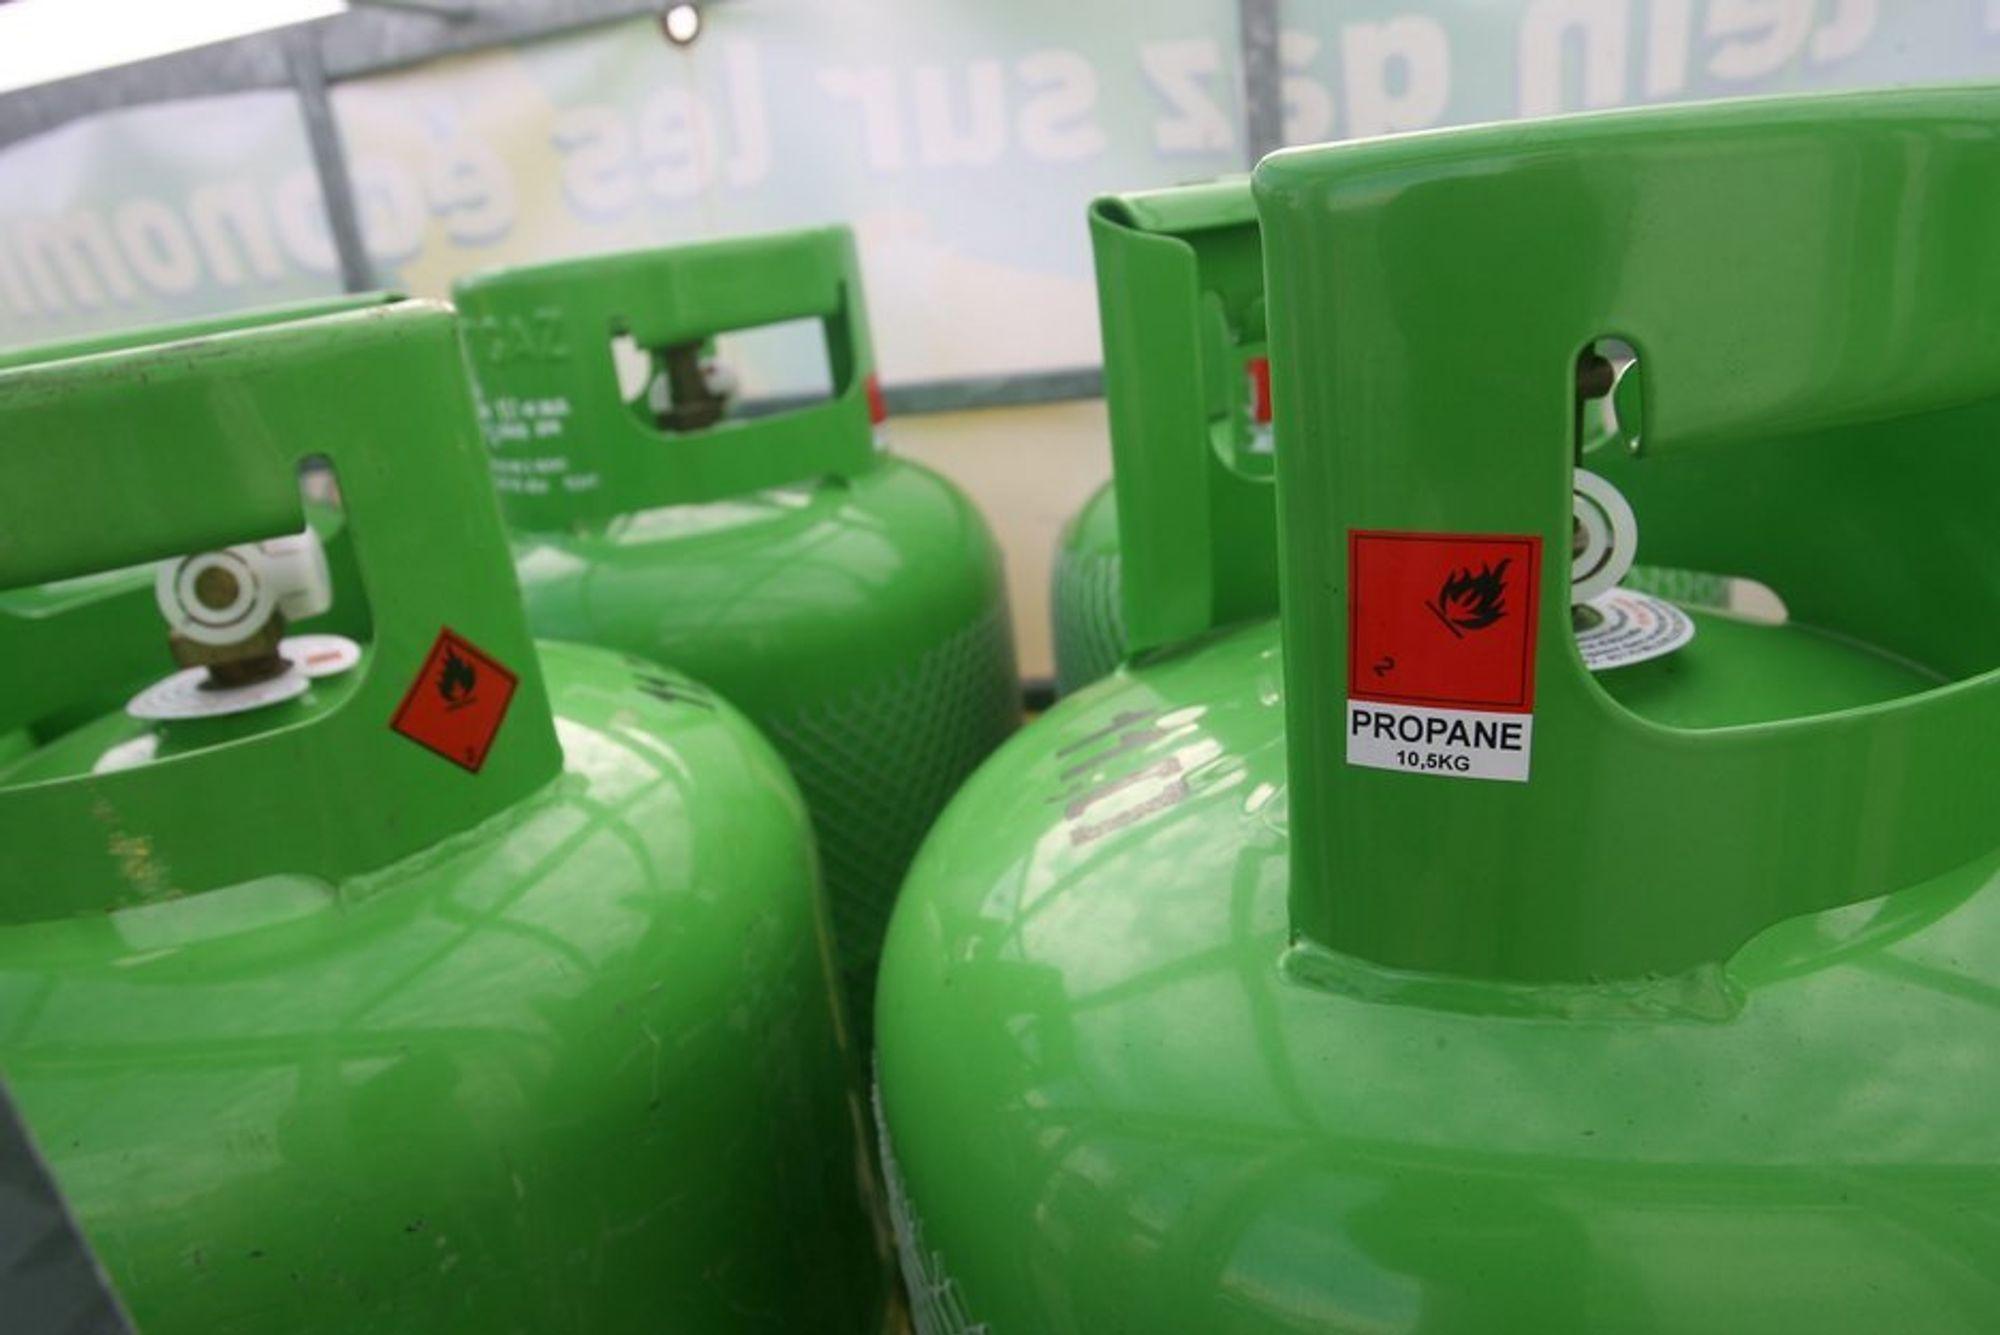 En tank med propan som ble brukt til oppvarming sprang lekk på Tomasjordnes i Tromsø tidligere i år. Nå får Troms Kraft kraftig kritikk fra DSB for hendelsen.